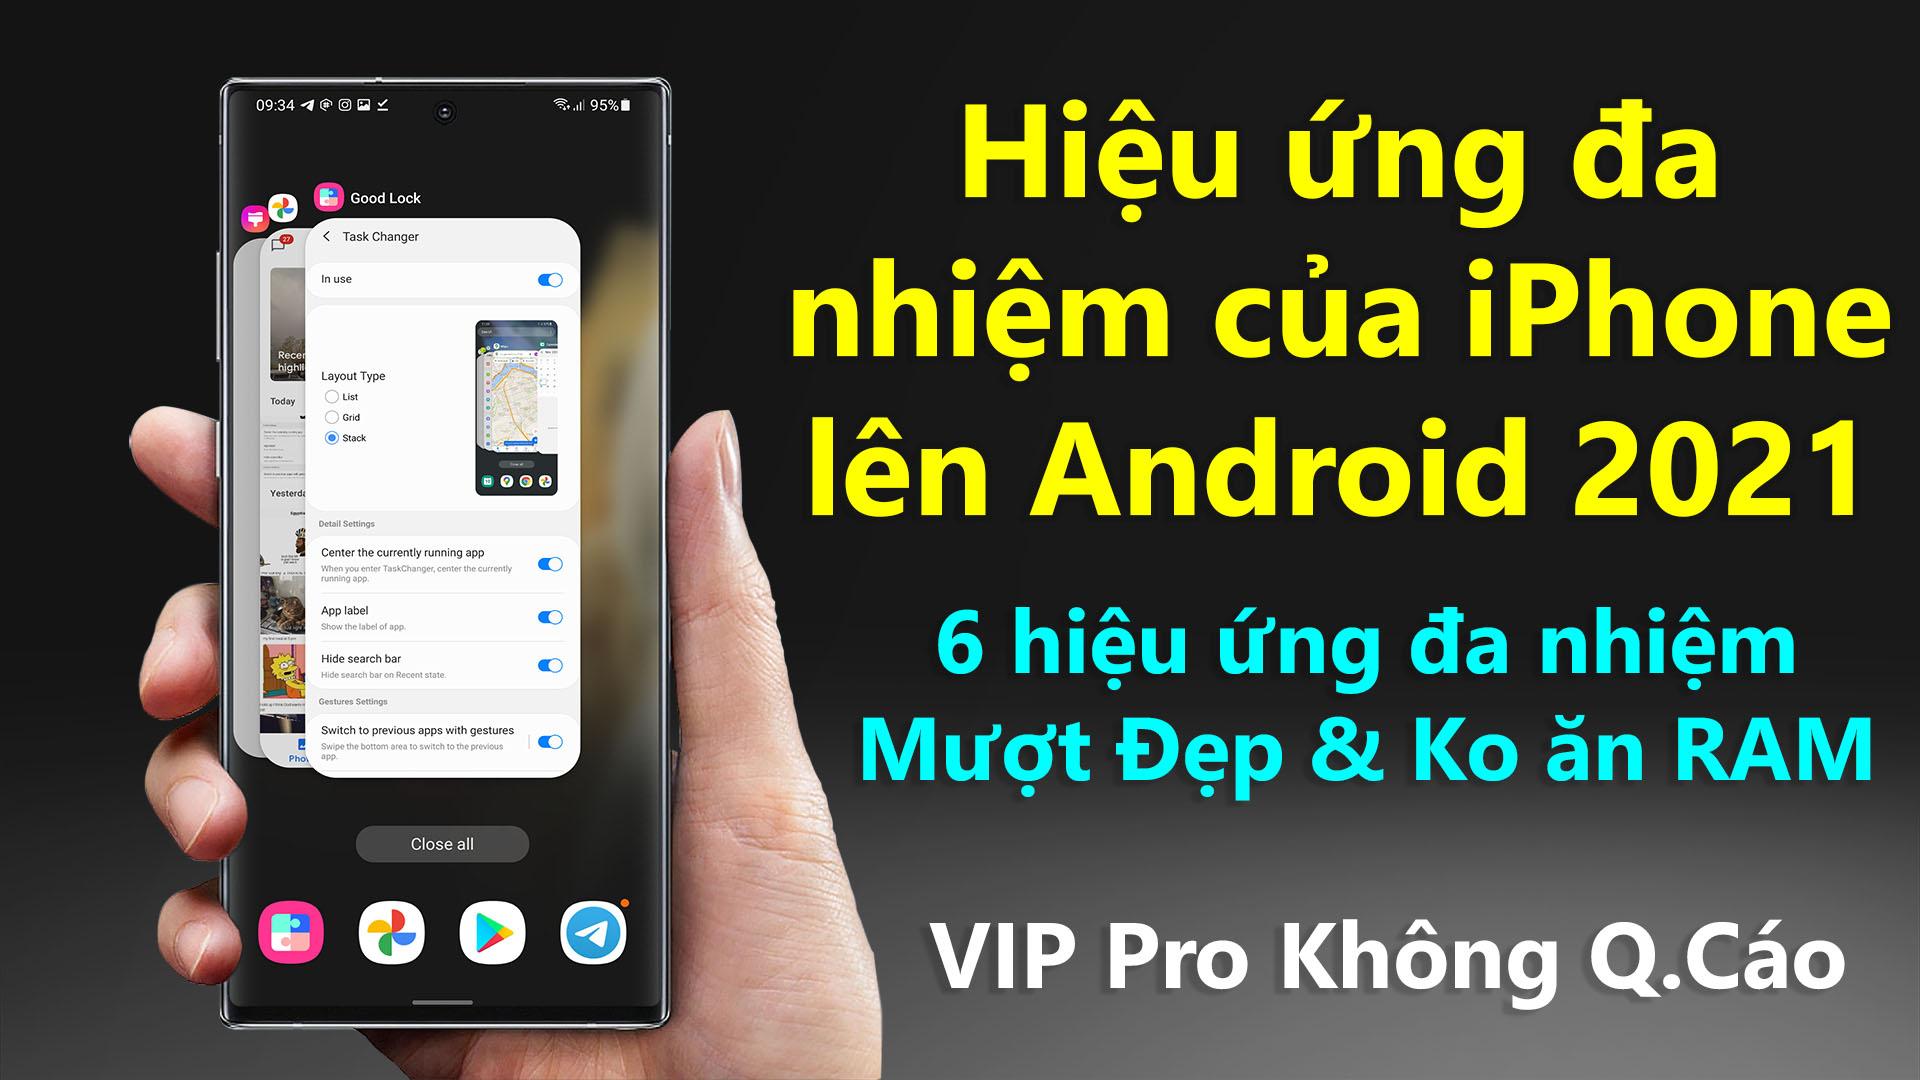 Cách cài hiệu ứng đa nhiệm trên iPhone lên điện thoại Android 2021 mượt và đẹp